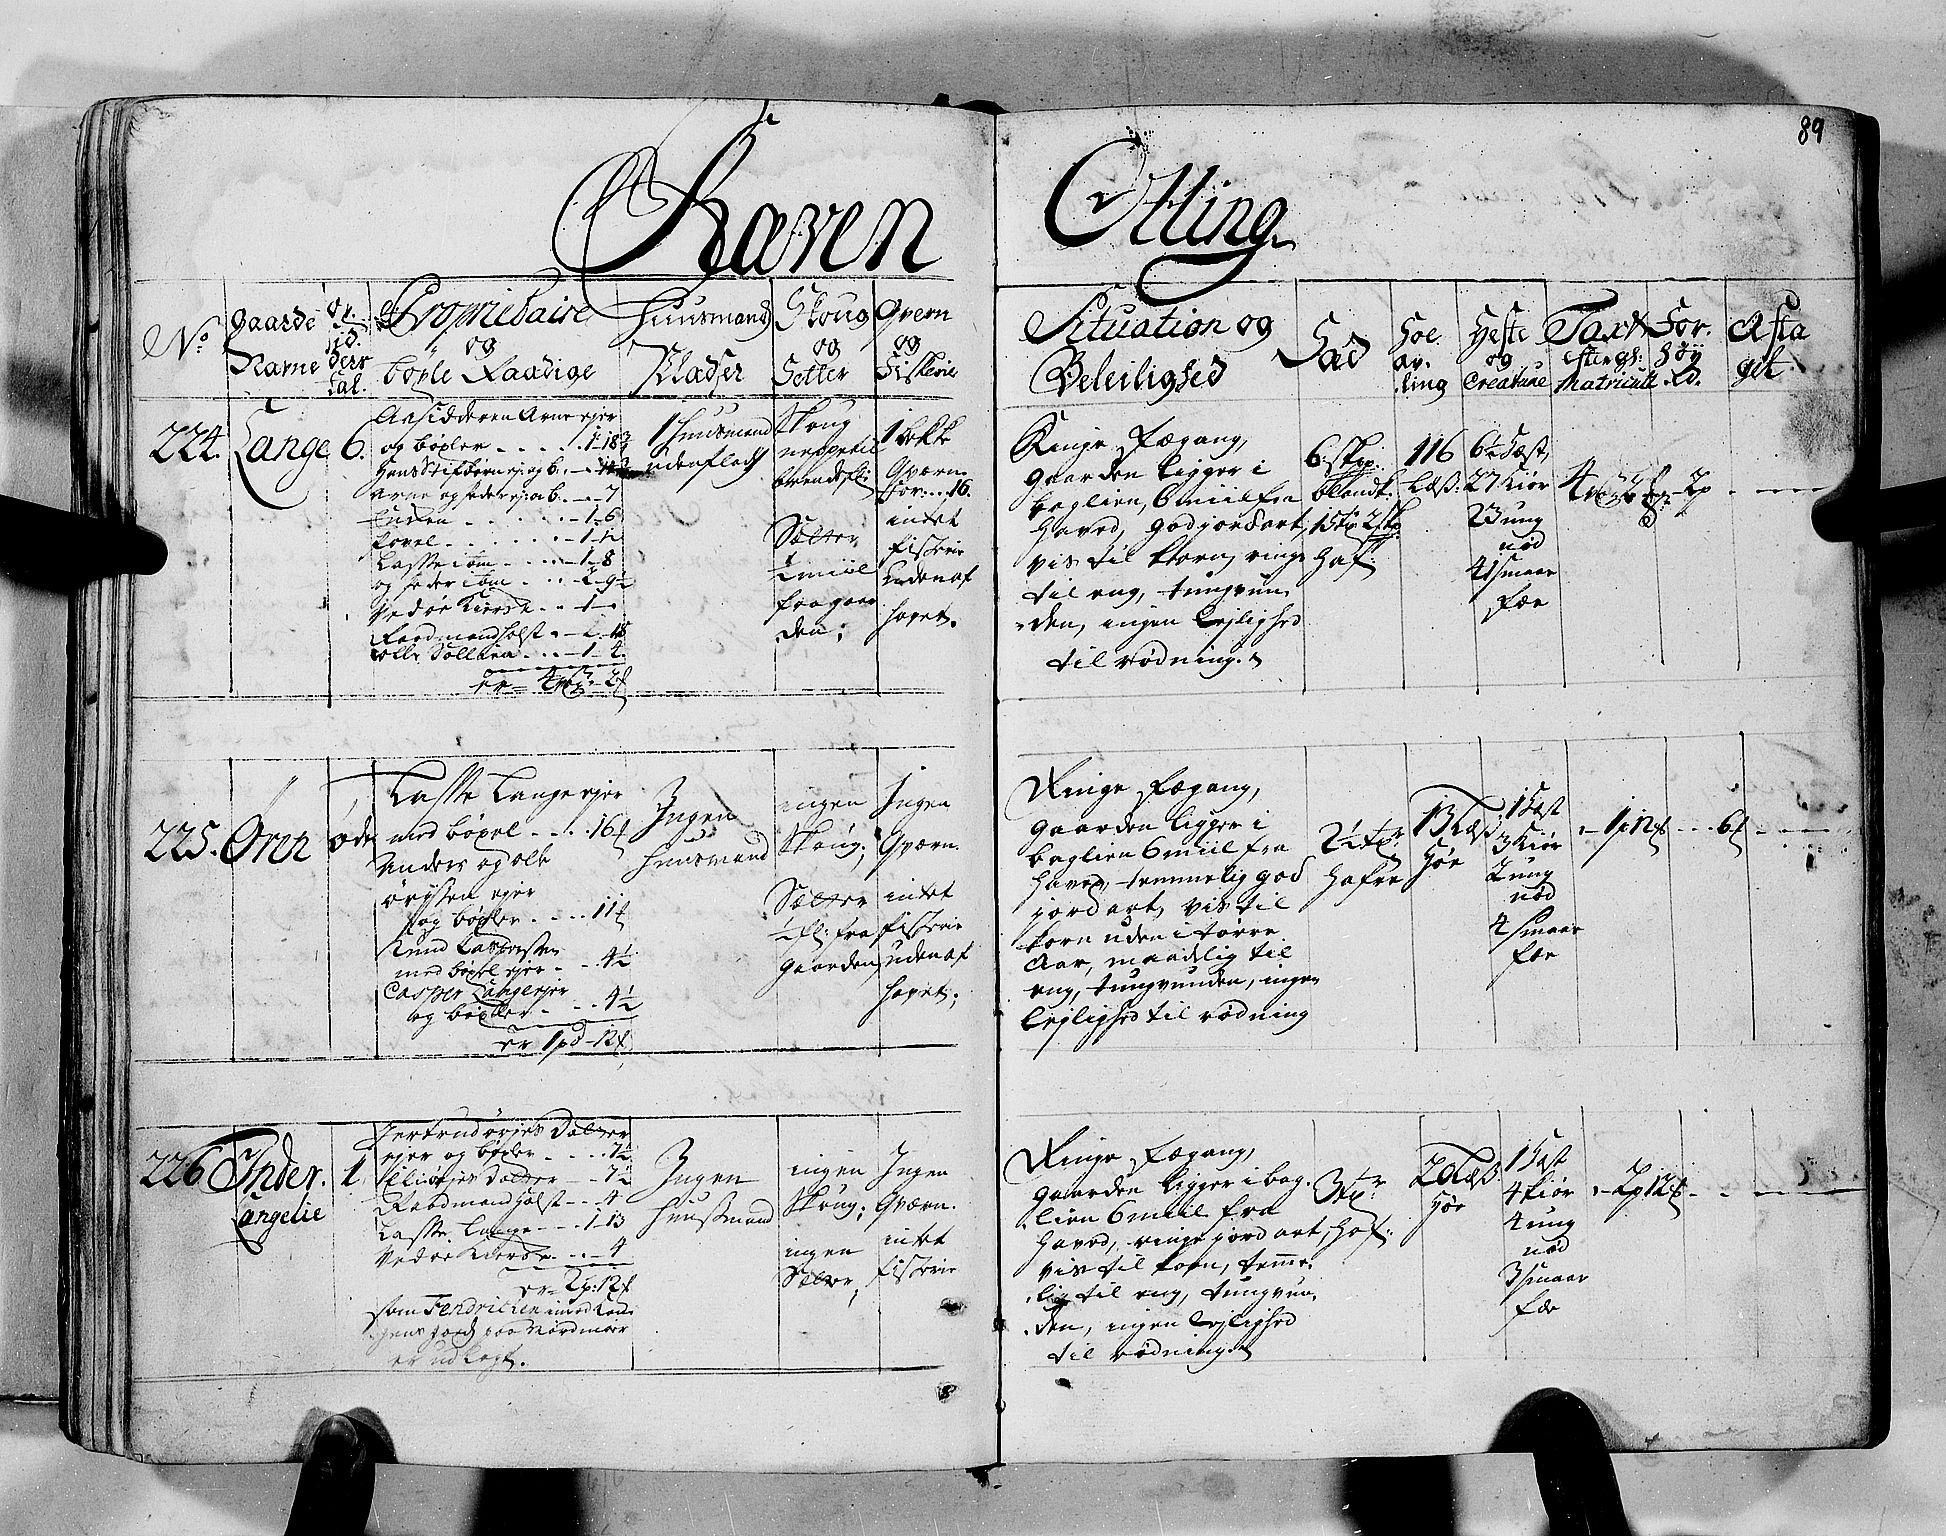 RA, Rentekammeret inntil 1814, Realistisk ordnet avdeling, N/Nb/Nbf/L0152: Romsdal eksaminasjonsprotokoll, 1724, s. 87